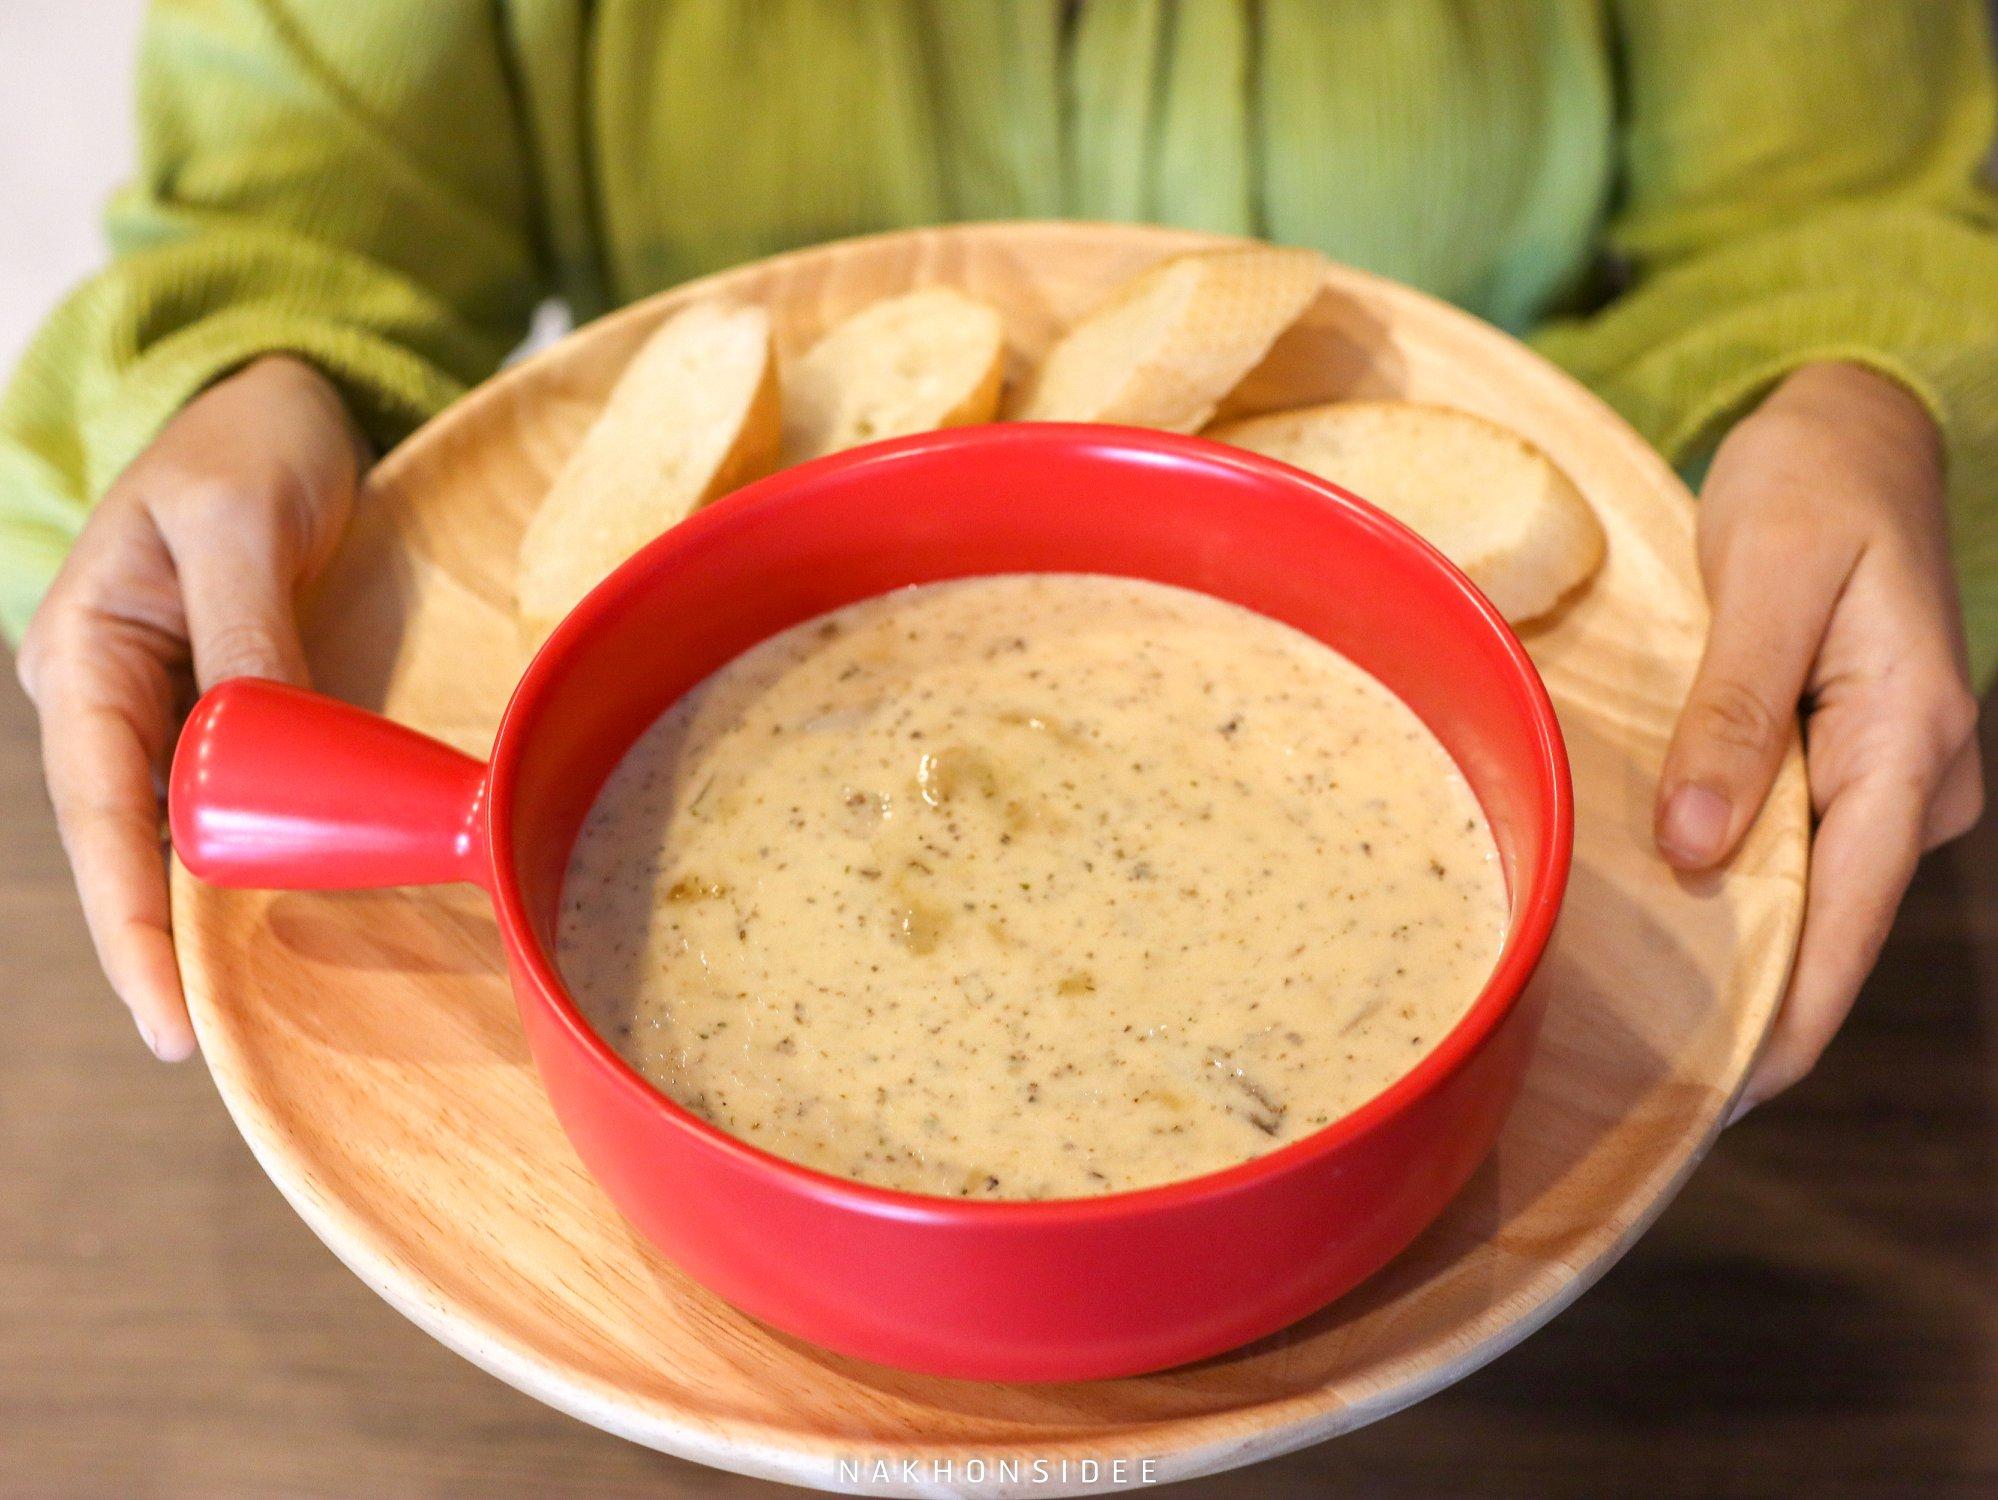 ซุปเห็ด อาหาร,เครื่องดื่ม,เกาหลี,ญี่ปุ่น,อาหารไทย,ฝรั่ง,คาเฟ่,นครศรีธรรมราช